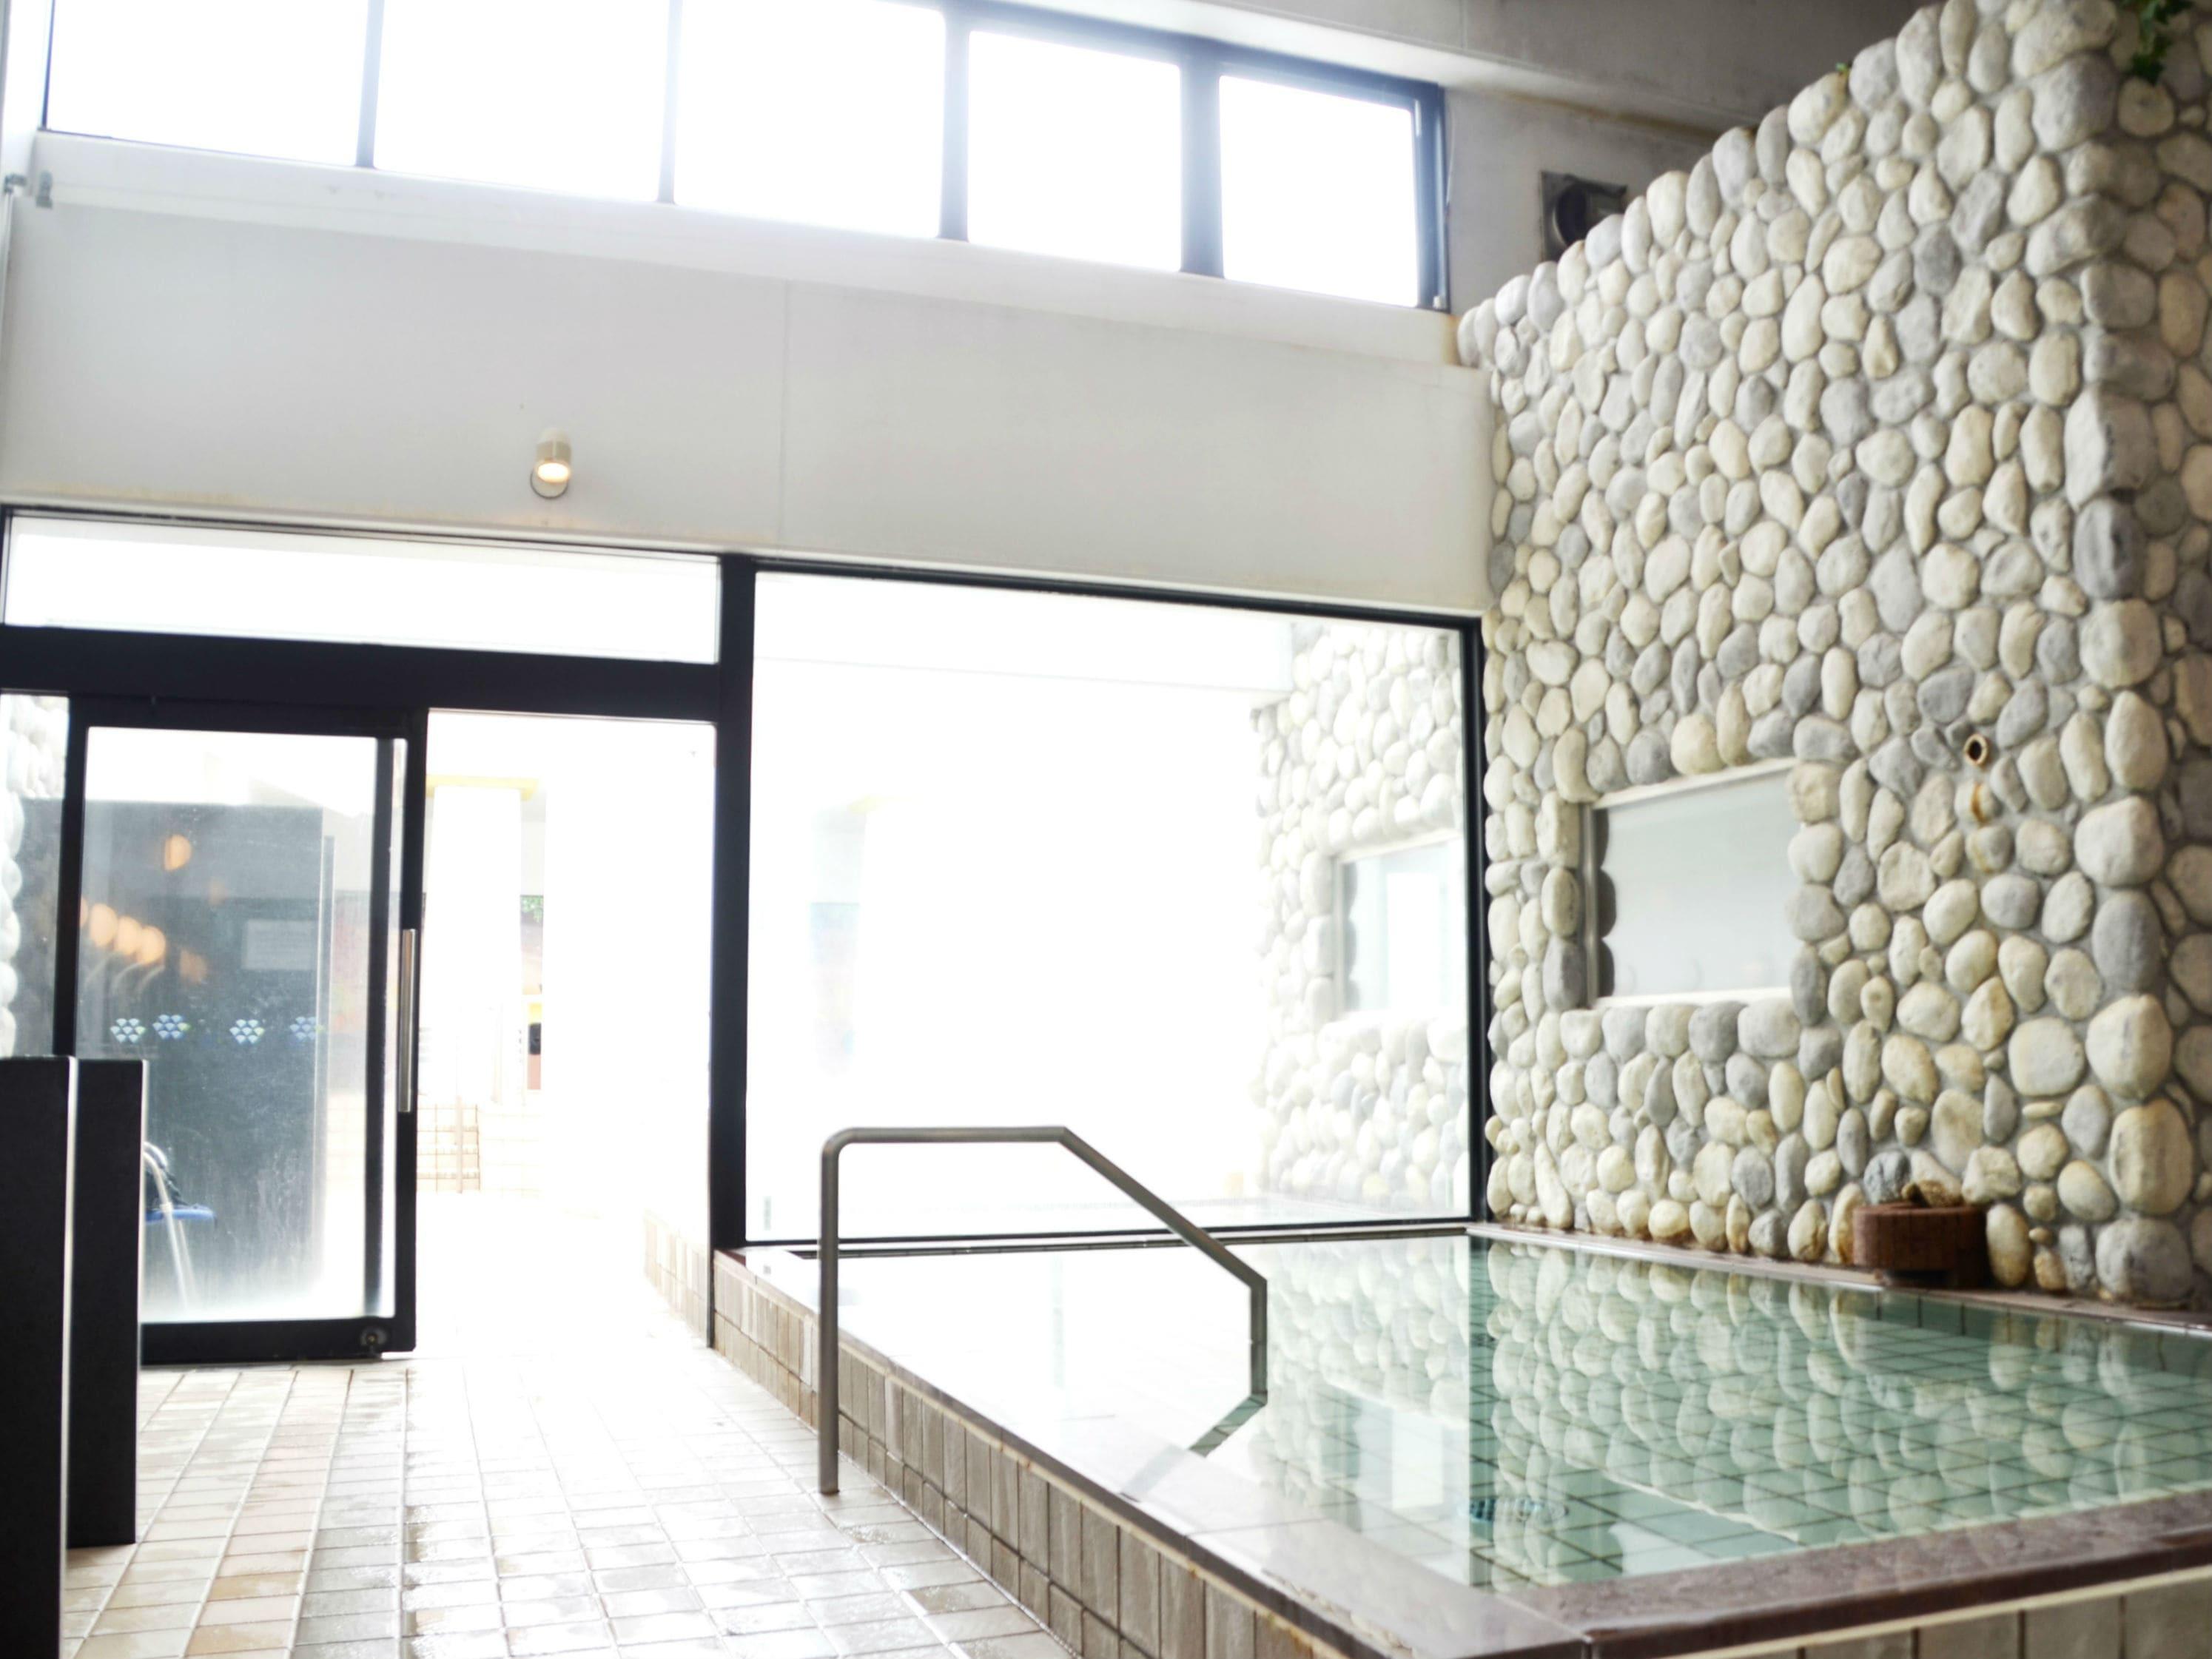 渤海温泉 シーサイドヴィラ渤海 関連画像 1枚目 楽天トラベル提供